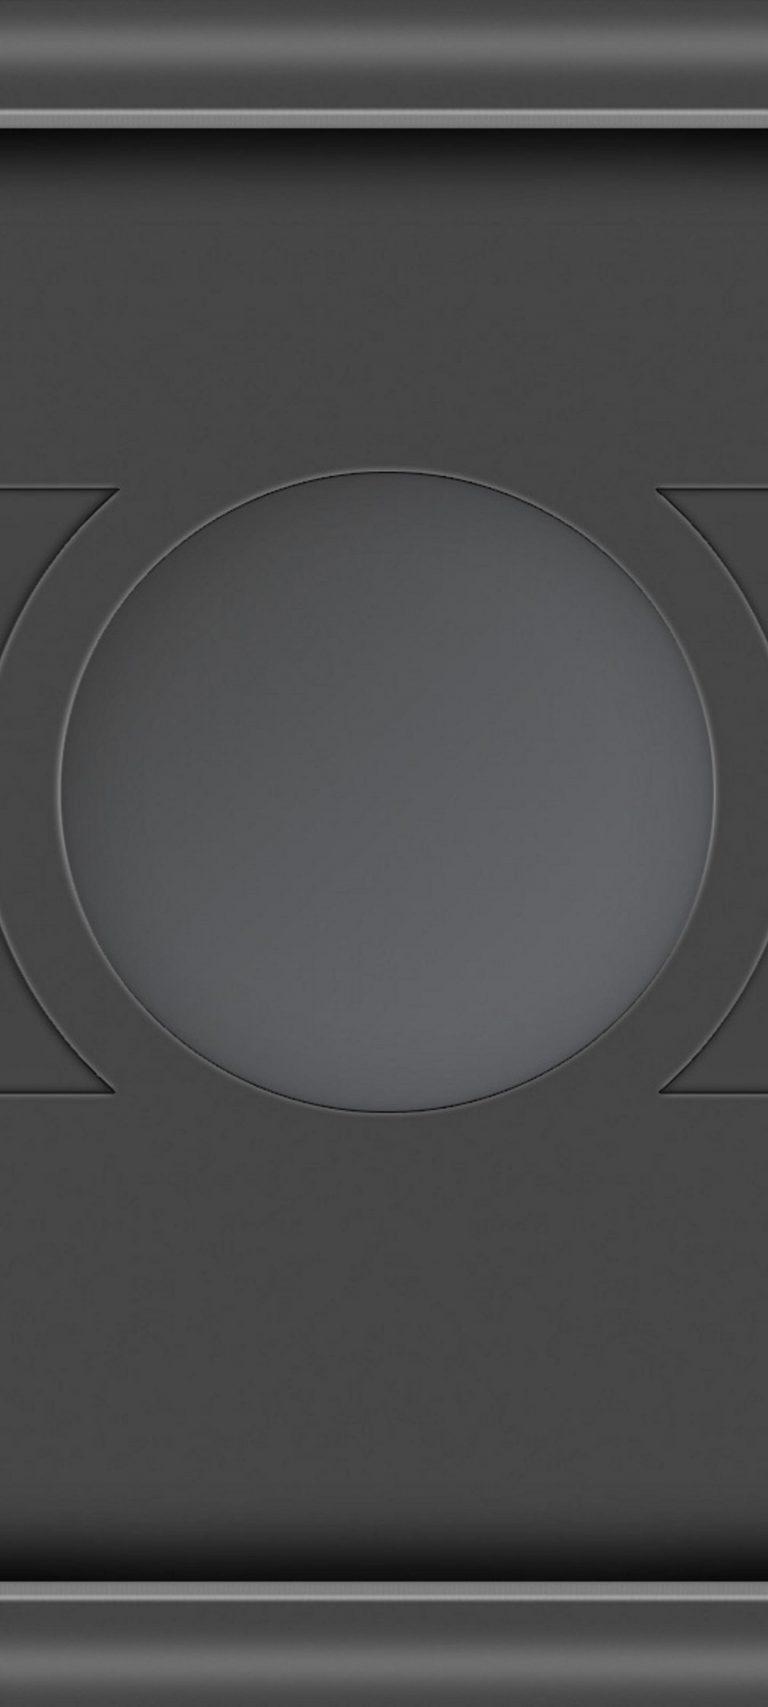 1440x3200 HD Wallpaper 109 768x1707 - 1440x3200 HD Wallpaper - 109